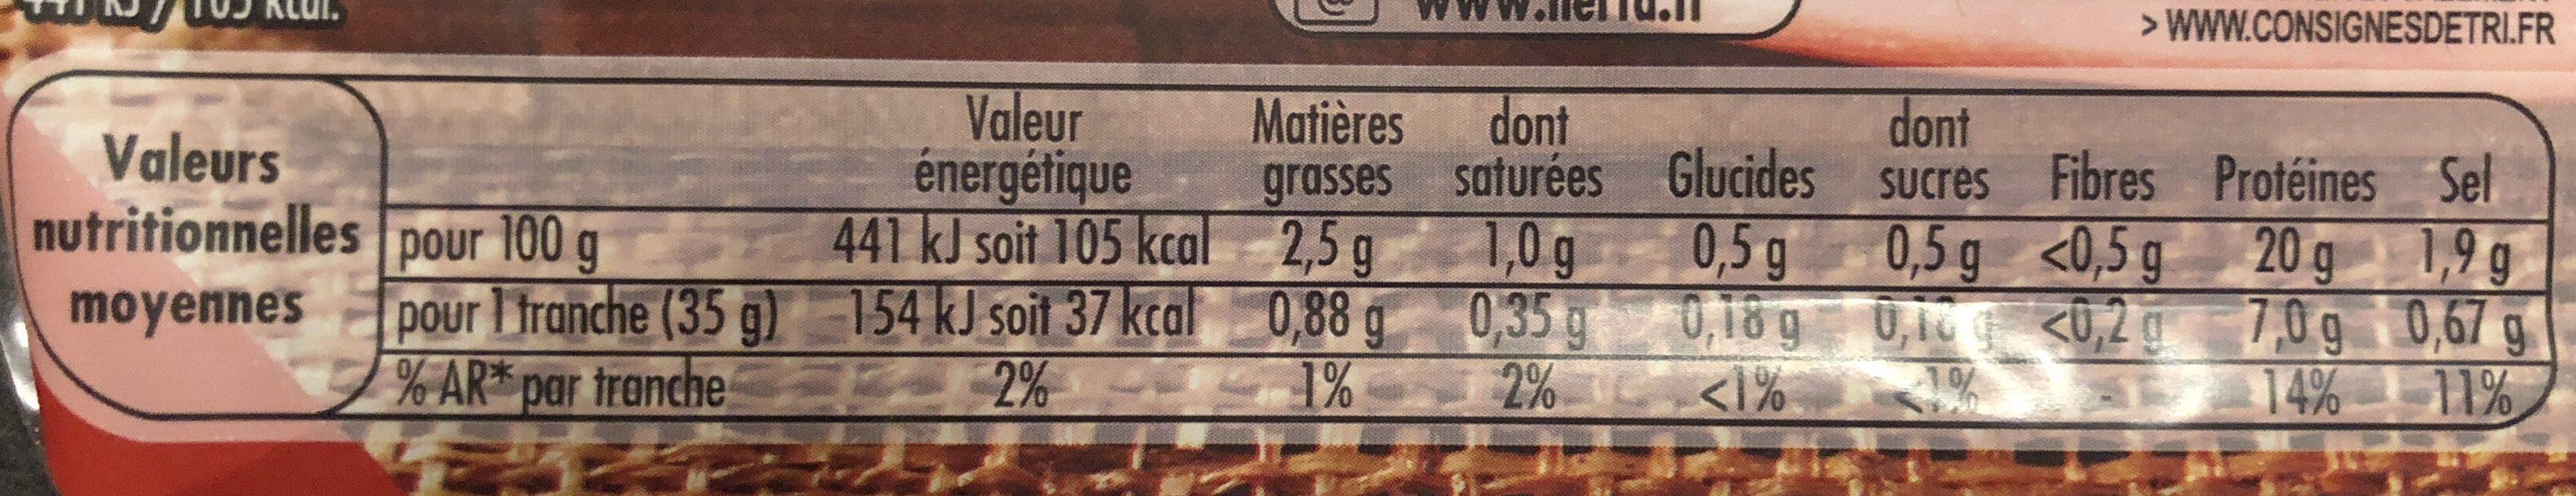 Le Bon Paris à l'étouffée conservation sans nitrite - Informations nutritionnelles - fr